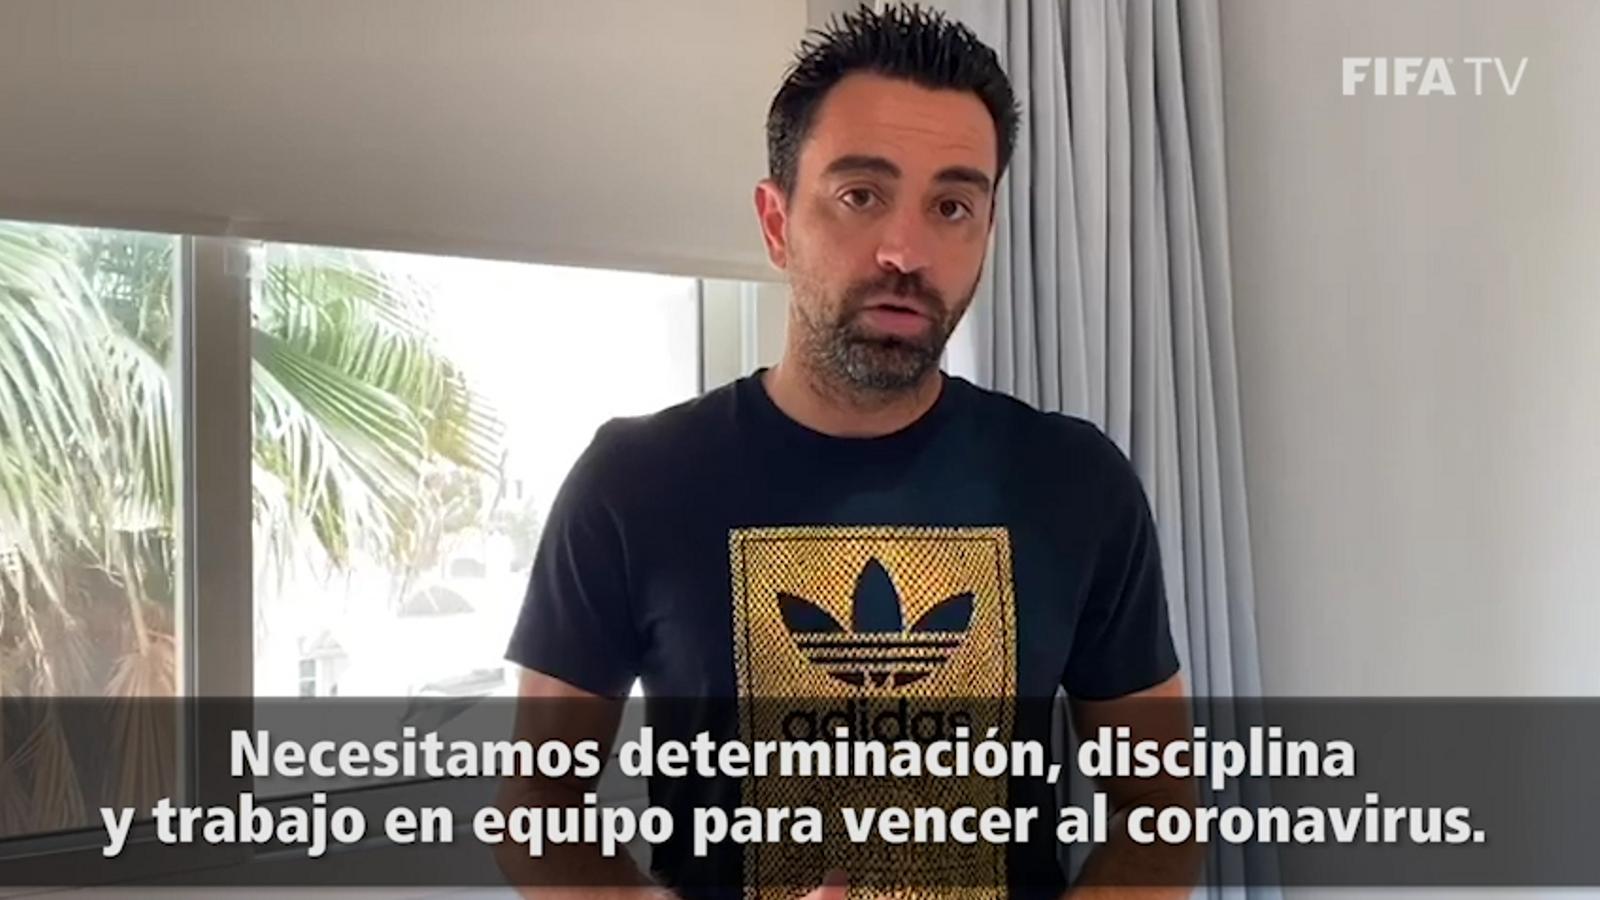 La campanya de la FIFA i la OMS contra el coronavirus, amb Messi, Xavi i Puyol